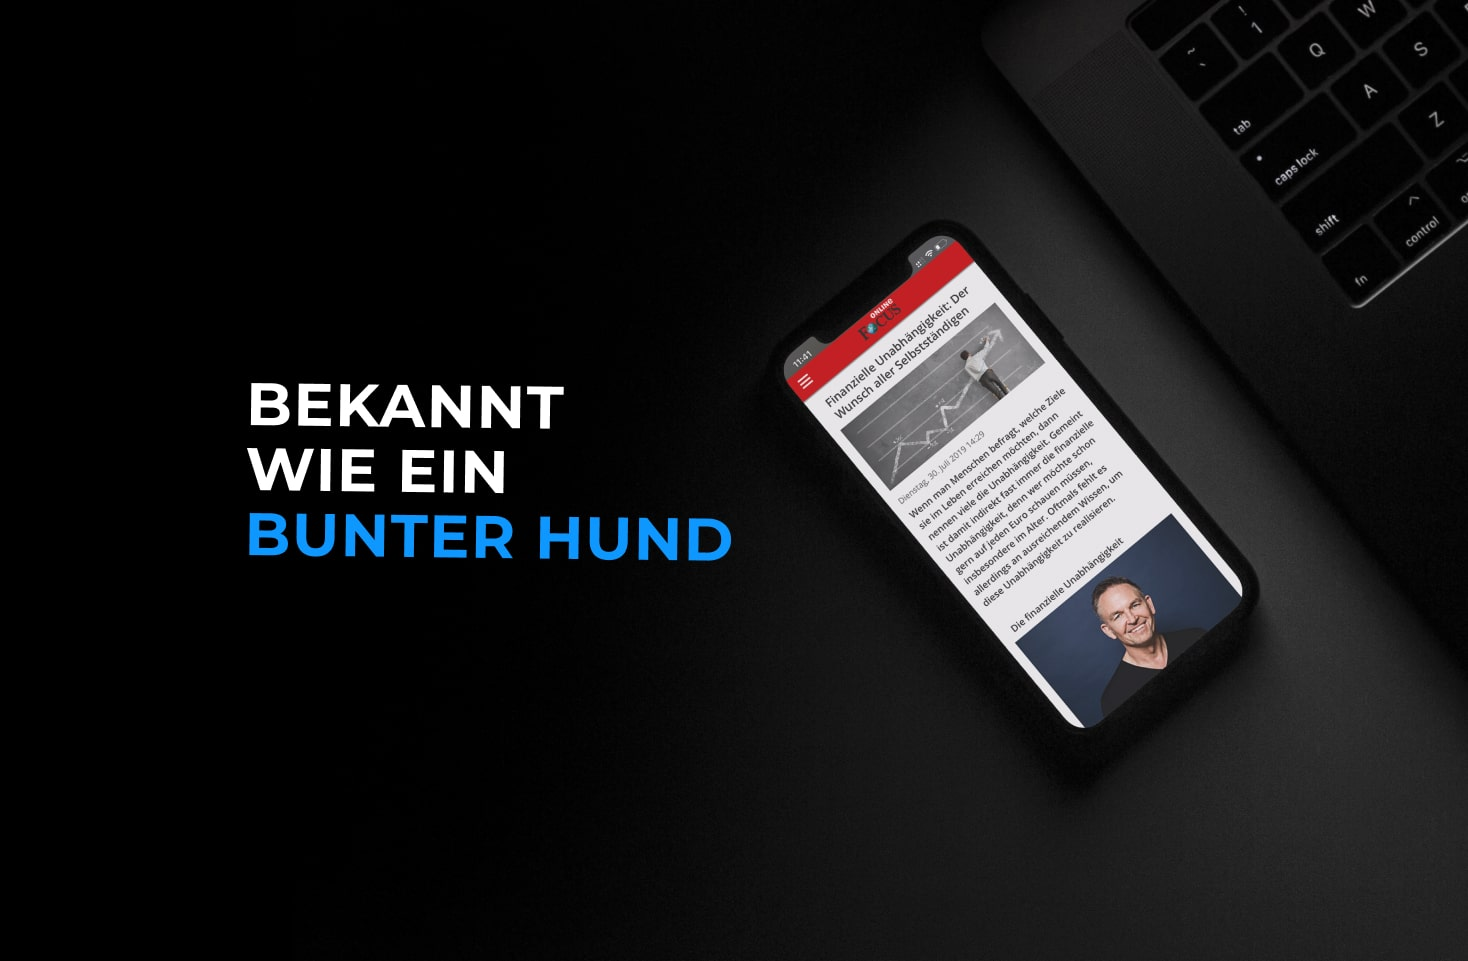 Smartphone  wo ein Artikel eines Onlinemagazins über Leo Gärtner angezeigt wird